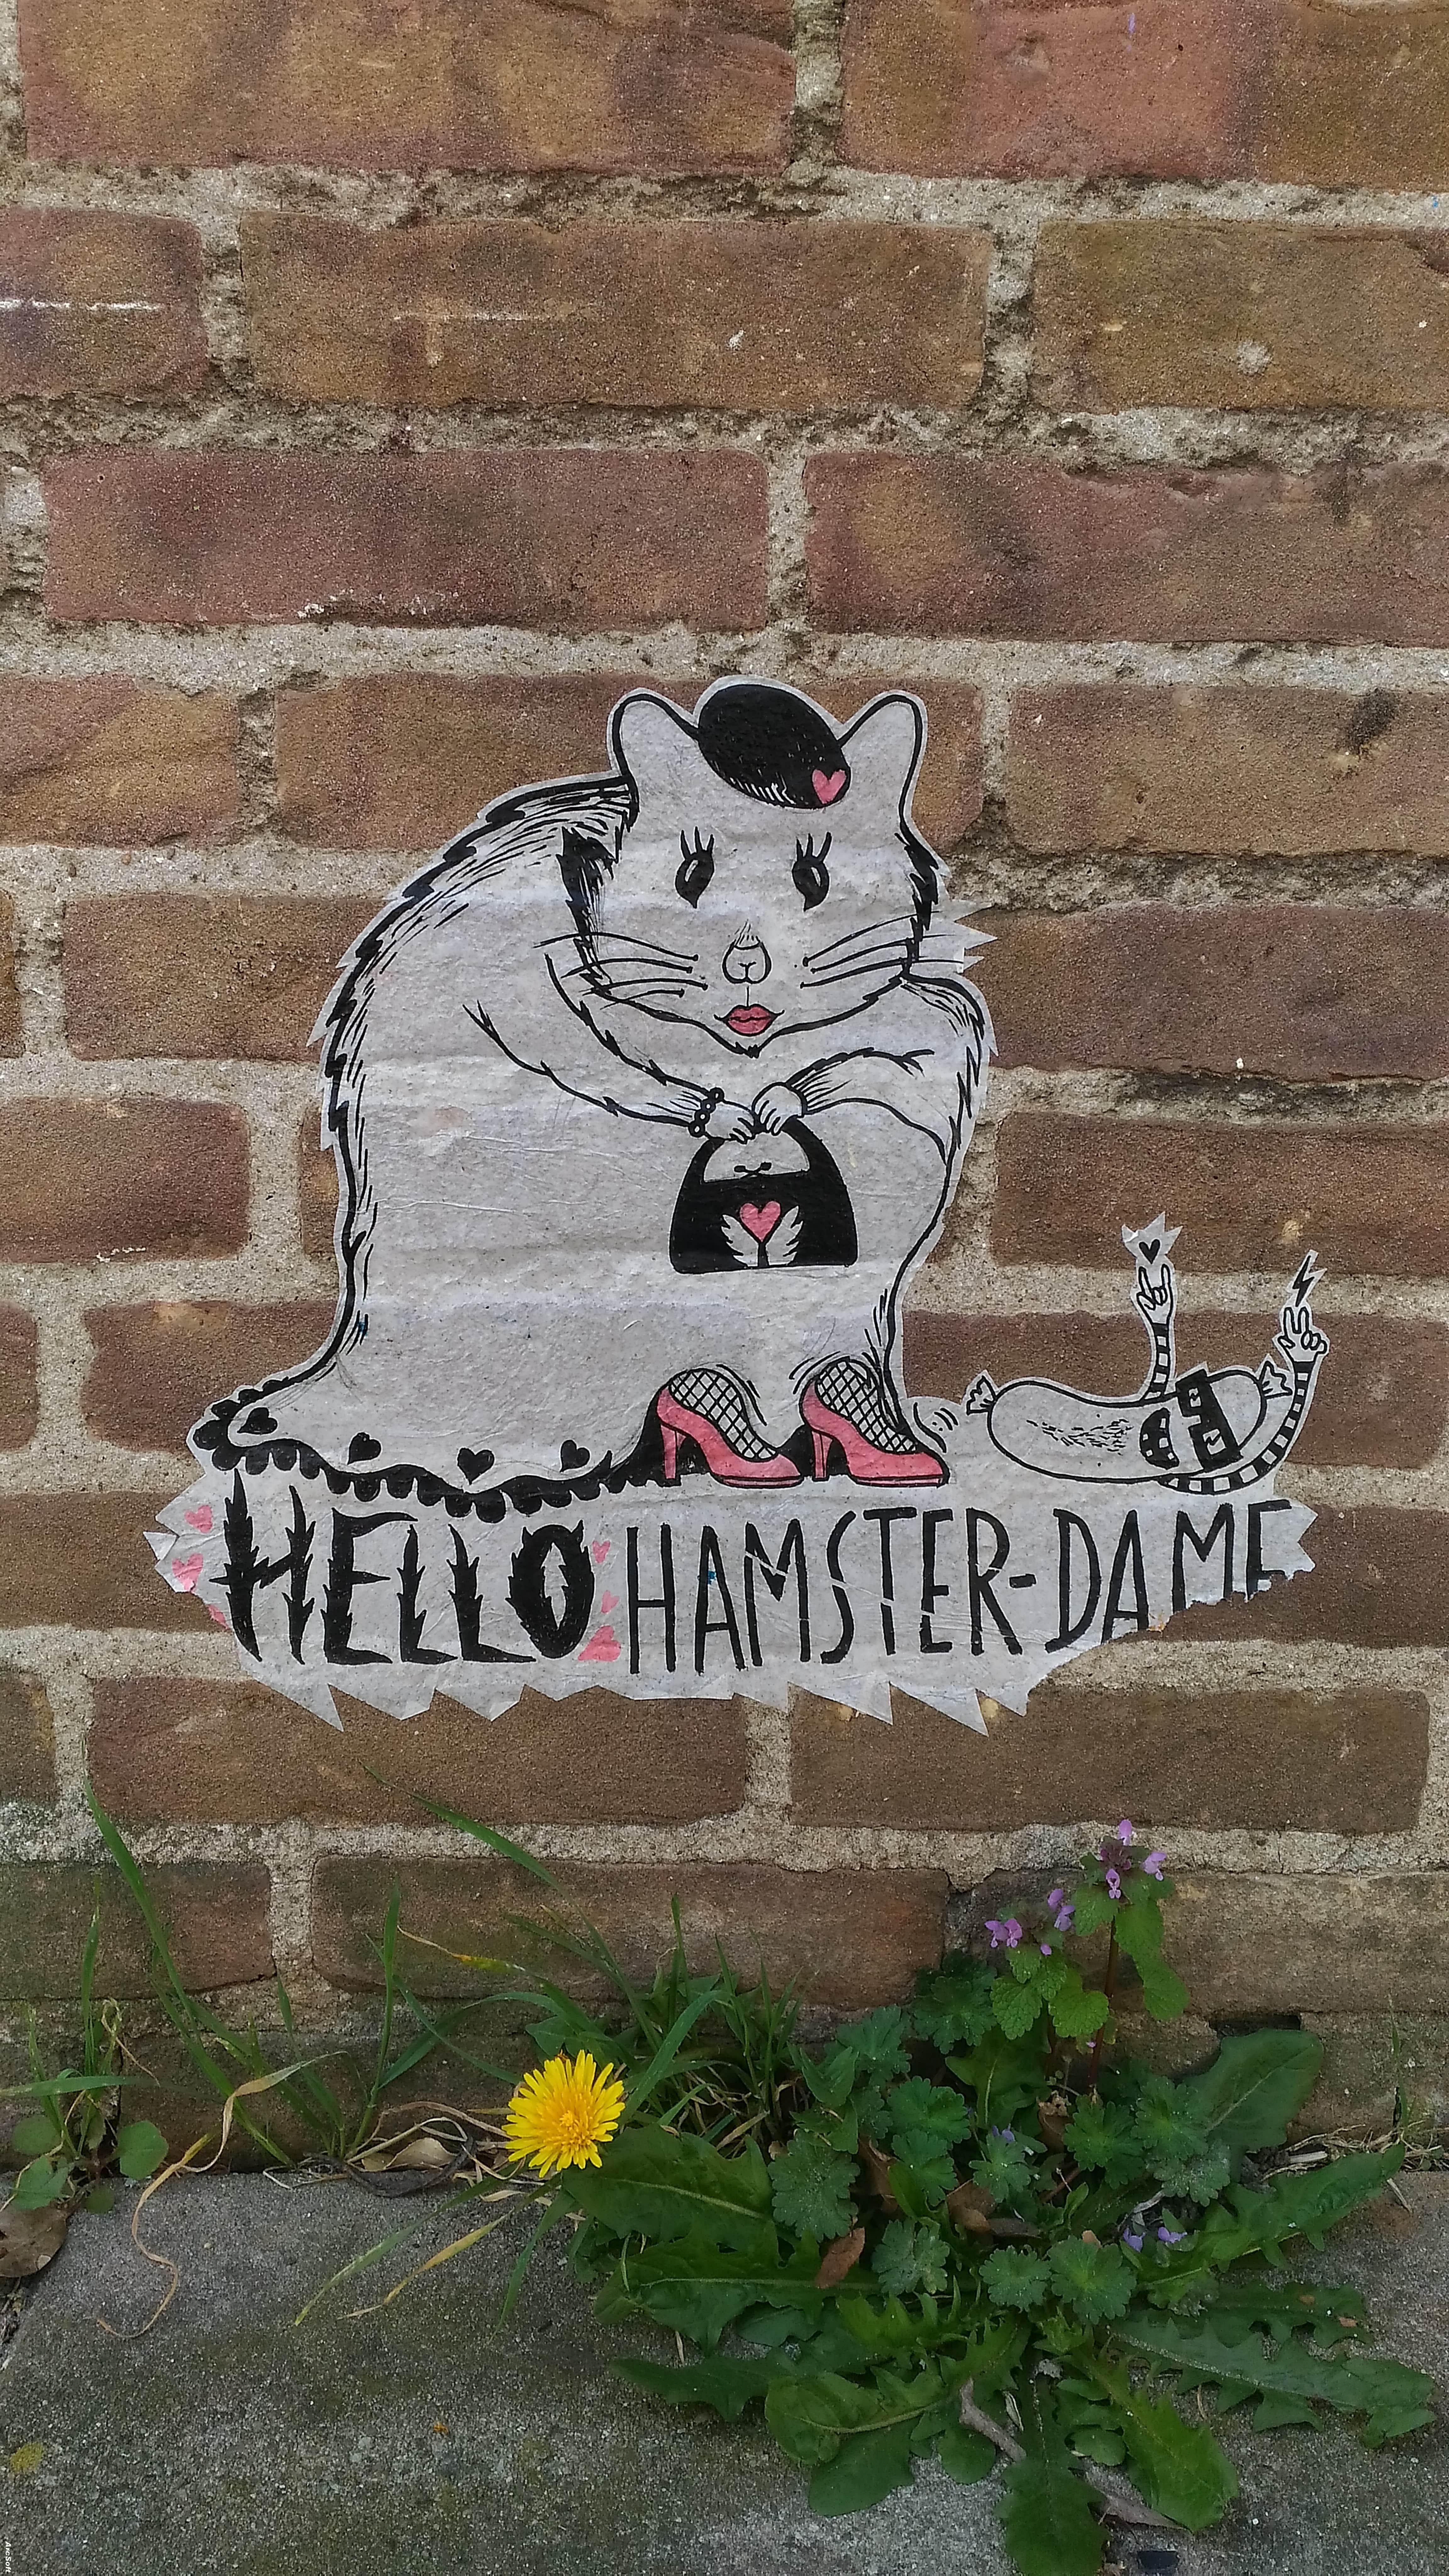 Hamsterdam paste up_Sandrine Boulet_2016-min